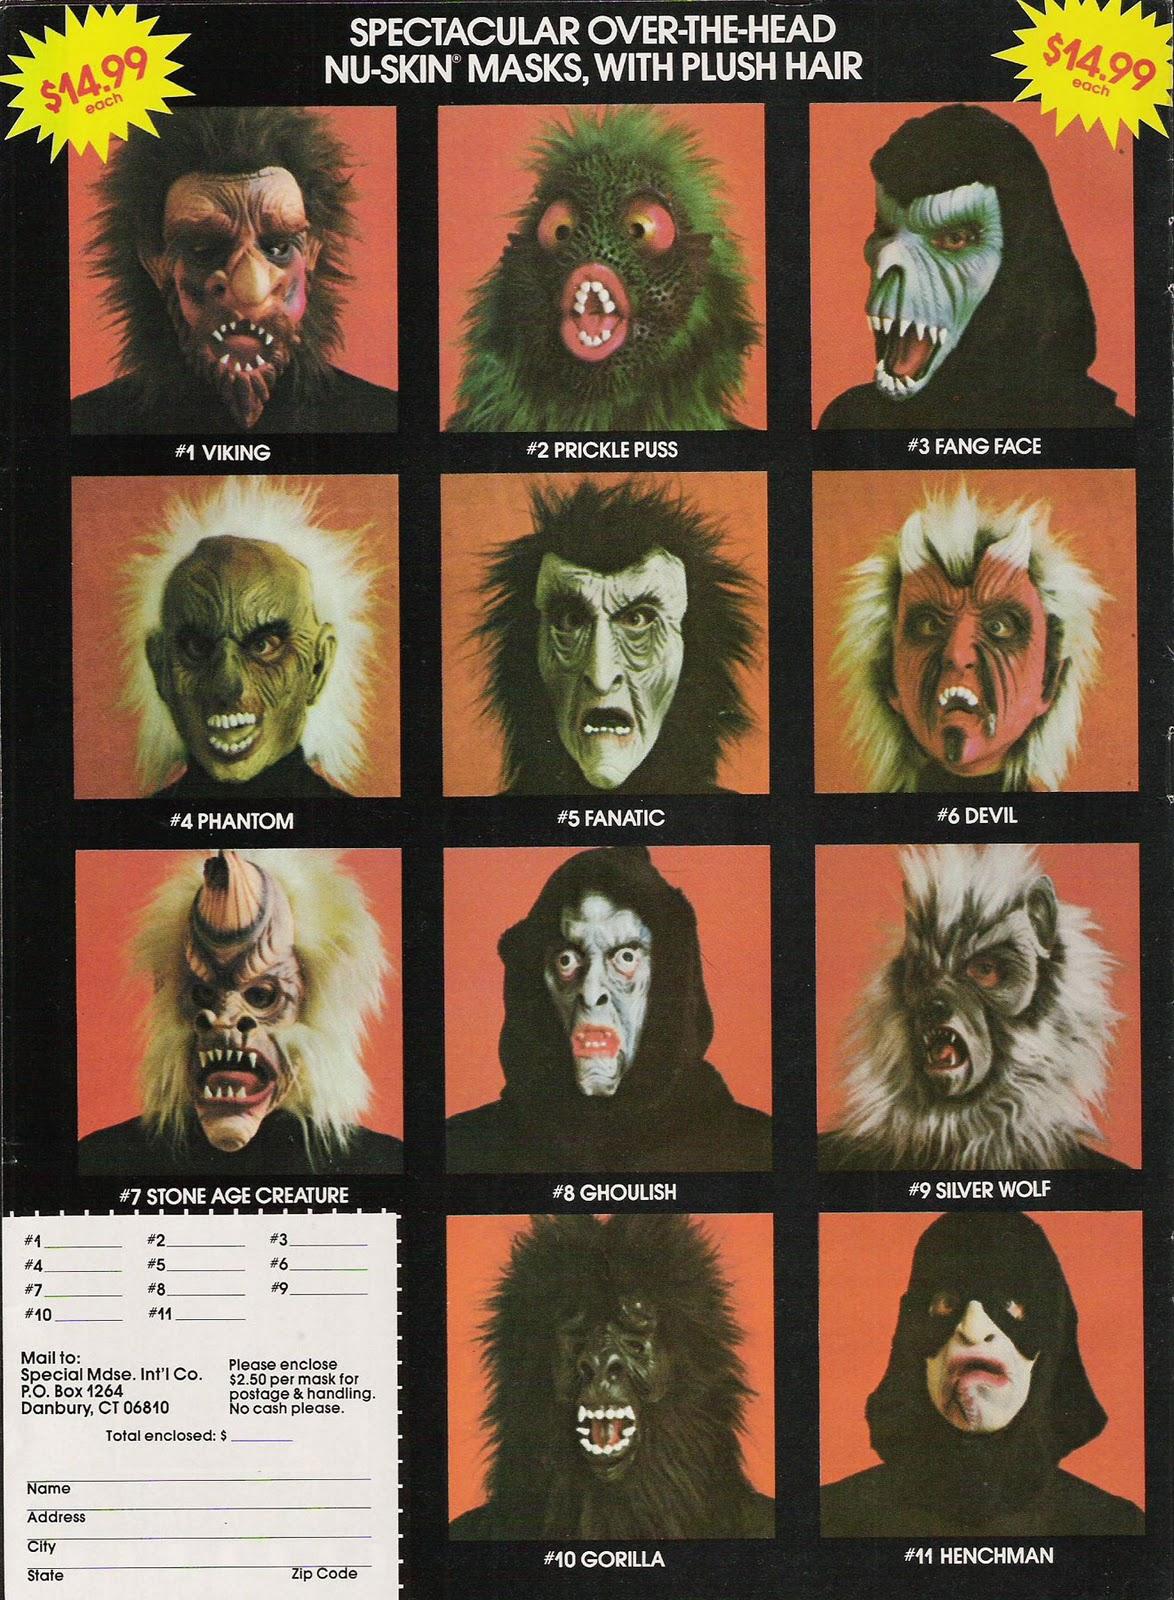 Blood Curdling Blog of Monster Masks: February 2011